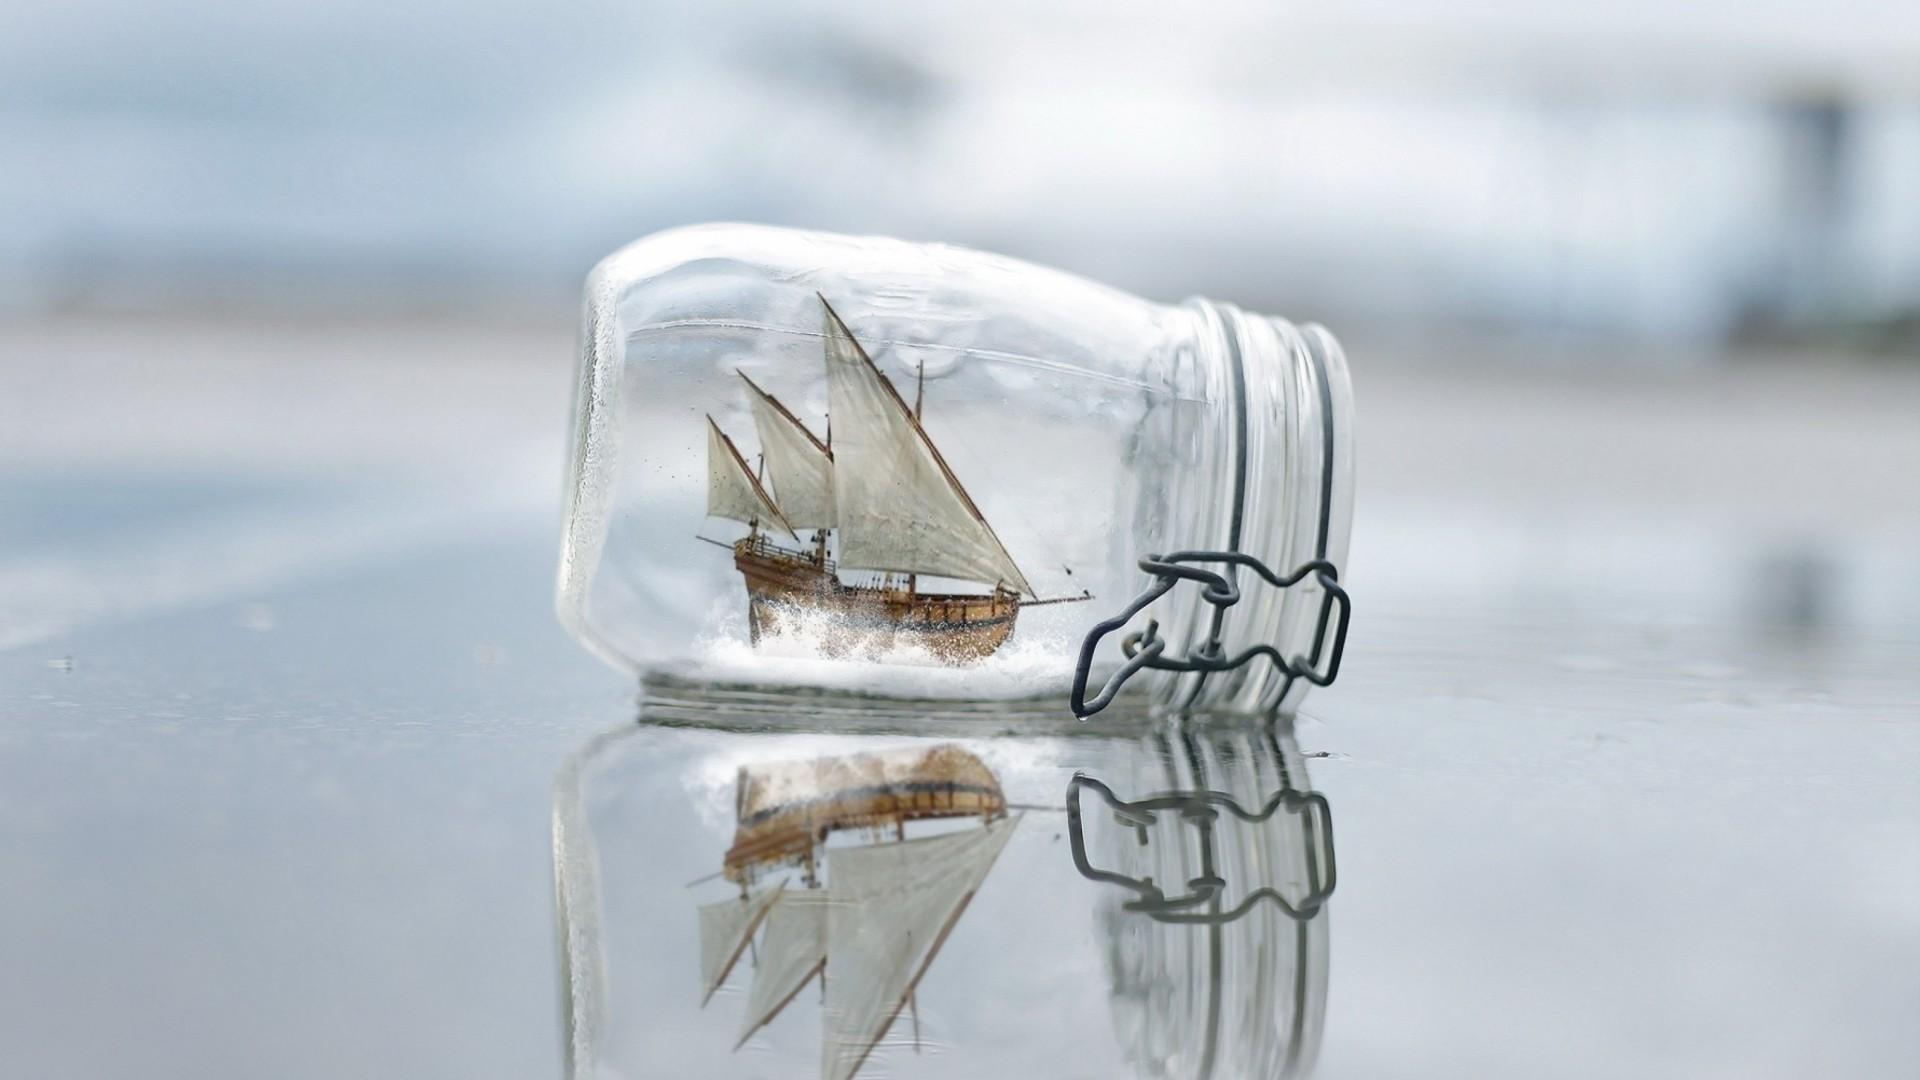 Ship In A Bottle Desktop wallpaper